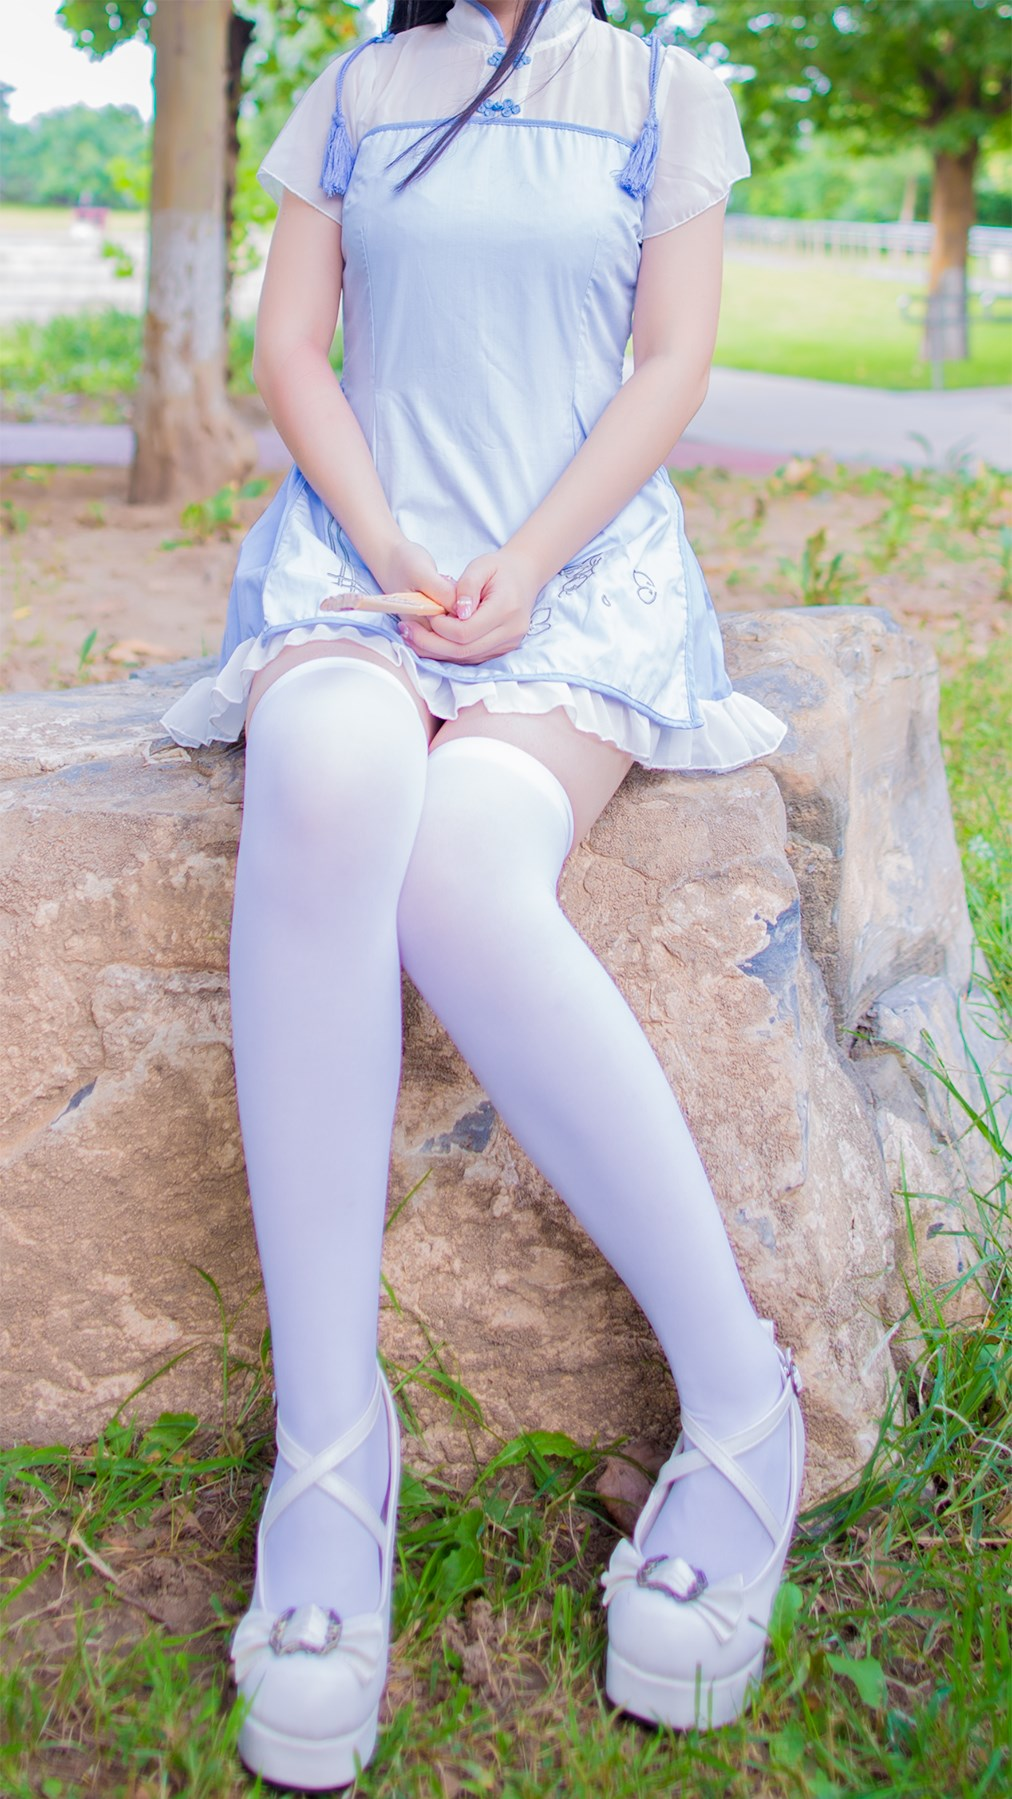 【兔玩映画】白丝旗袍 兔玩映画 第21张